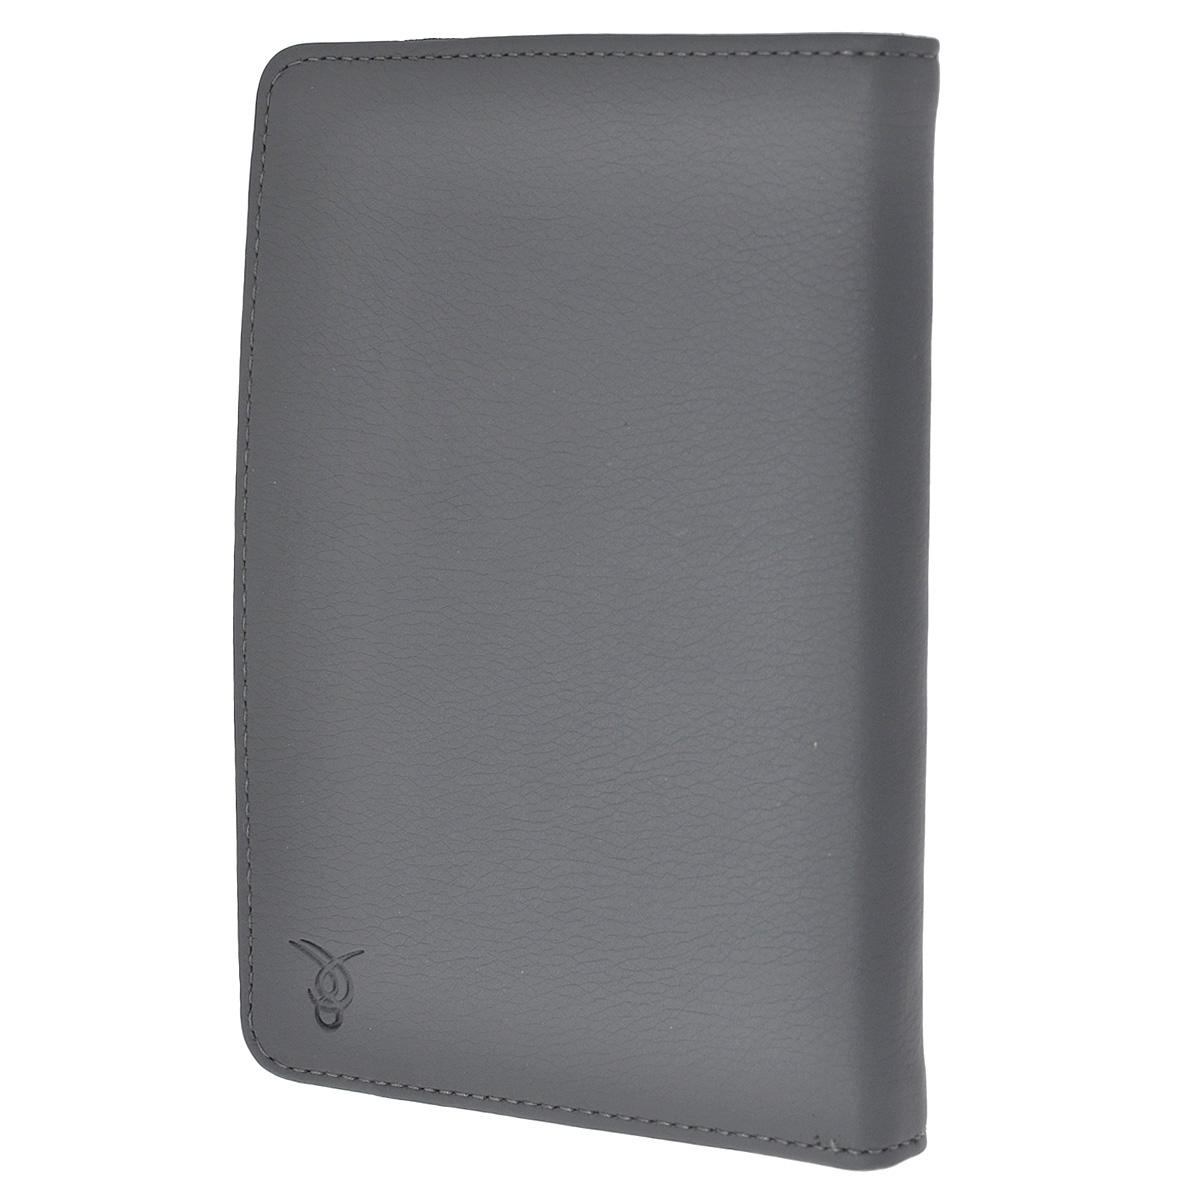 Vivacase кожаный чехол-обложка для PocketBook 611 Basic, Grey (VPB-C611CG)VPB-С611CGЧехол-обложка Viva Basic для электронной книги PocketBook Basic 611 защитит Ваше устройство от пыли, грязи и царапин. Чехол можно также использовать как подставку для электронной книги. Он имеет несколько положений, которые позволяют комфортно наслаждаться чтением.